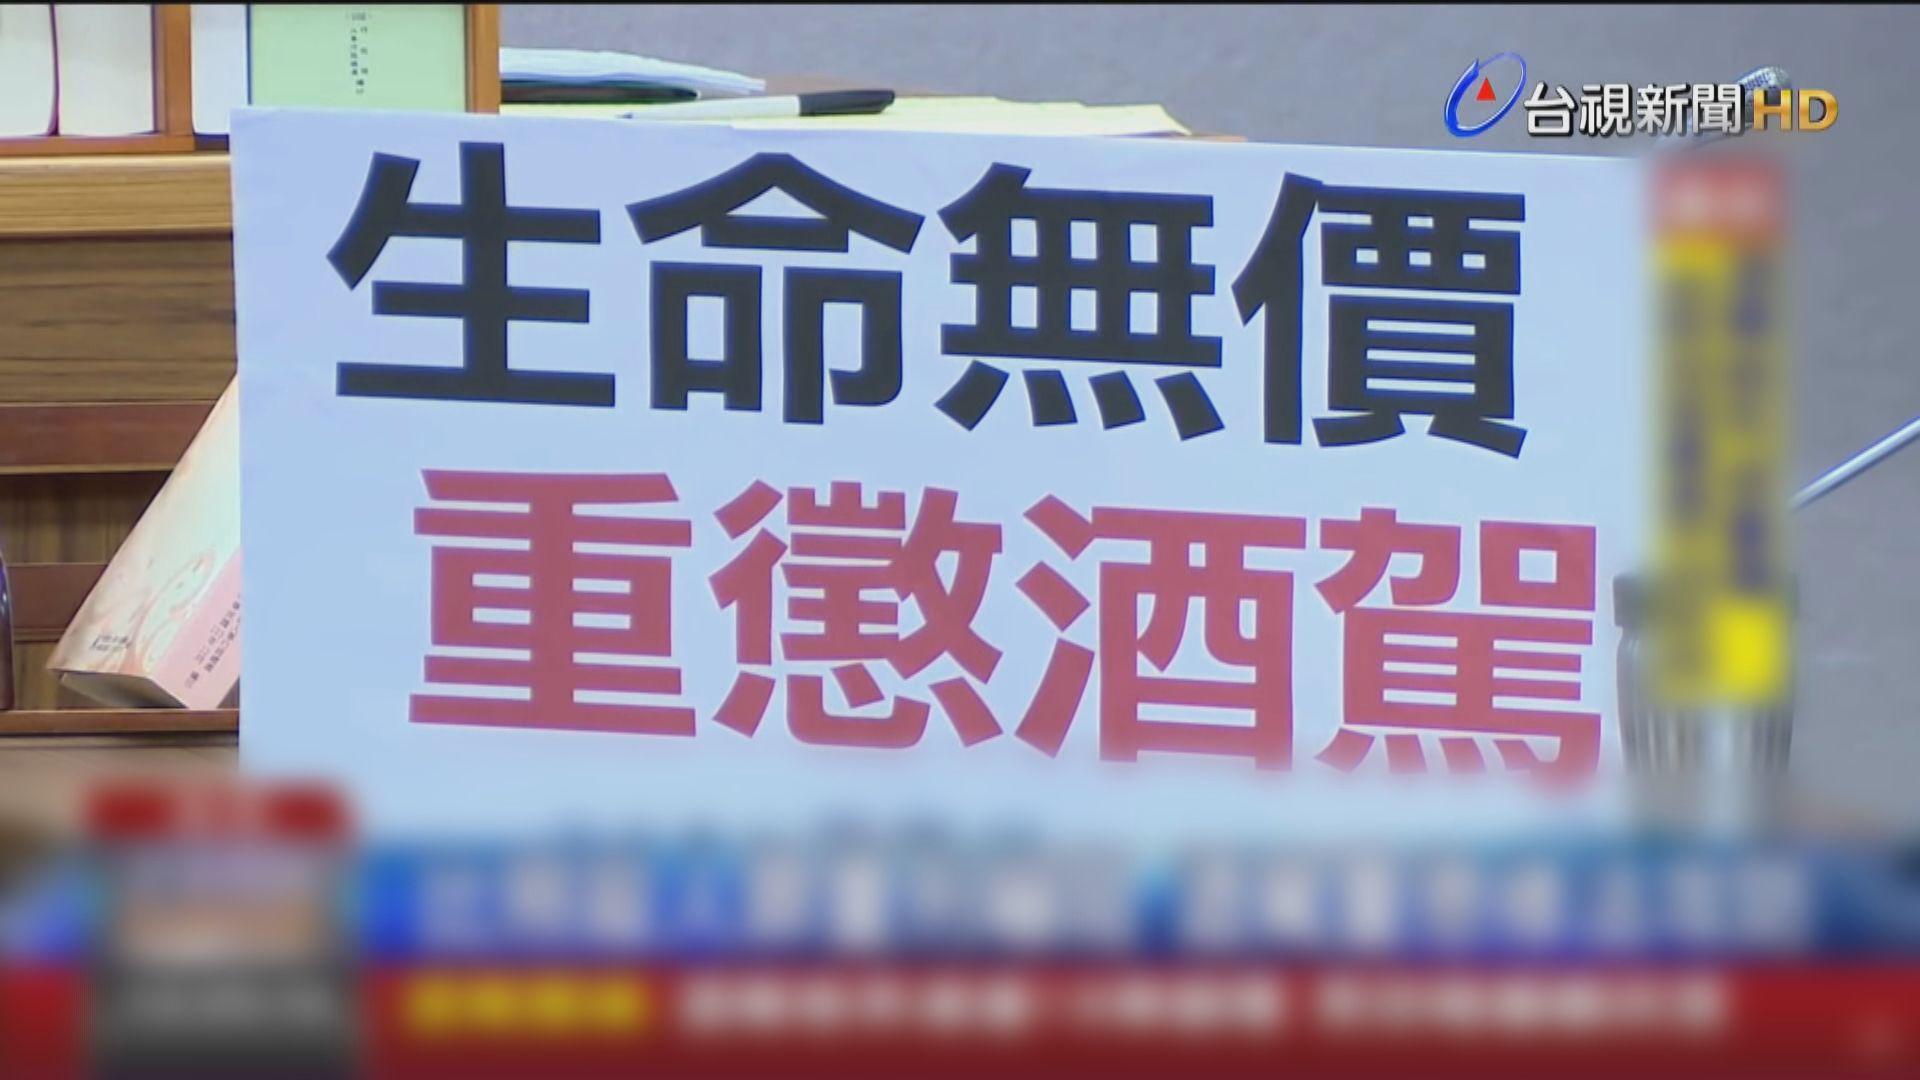 台灣行政院通過酒駕致死最高可判死刑